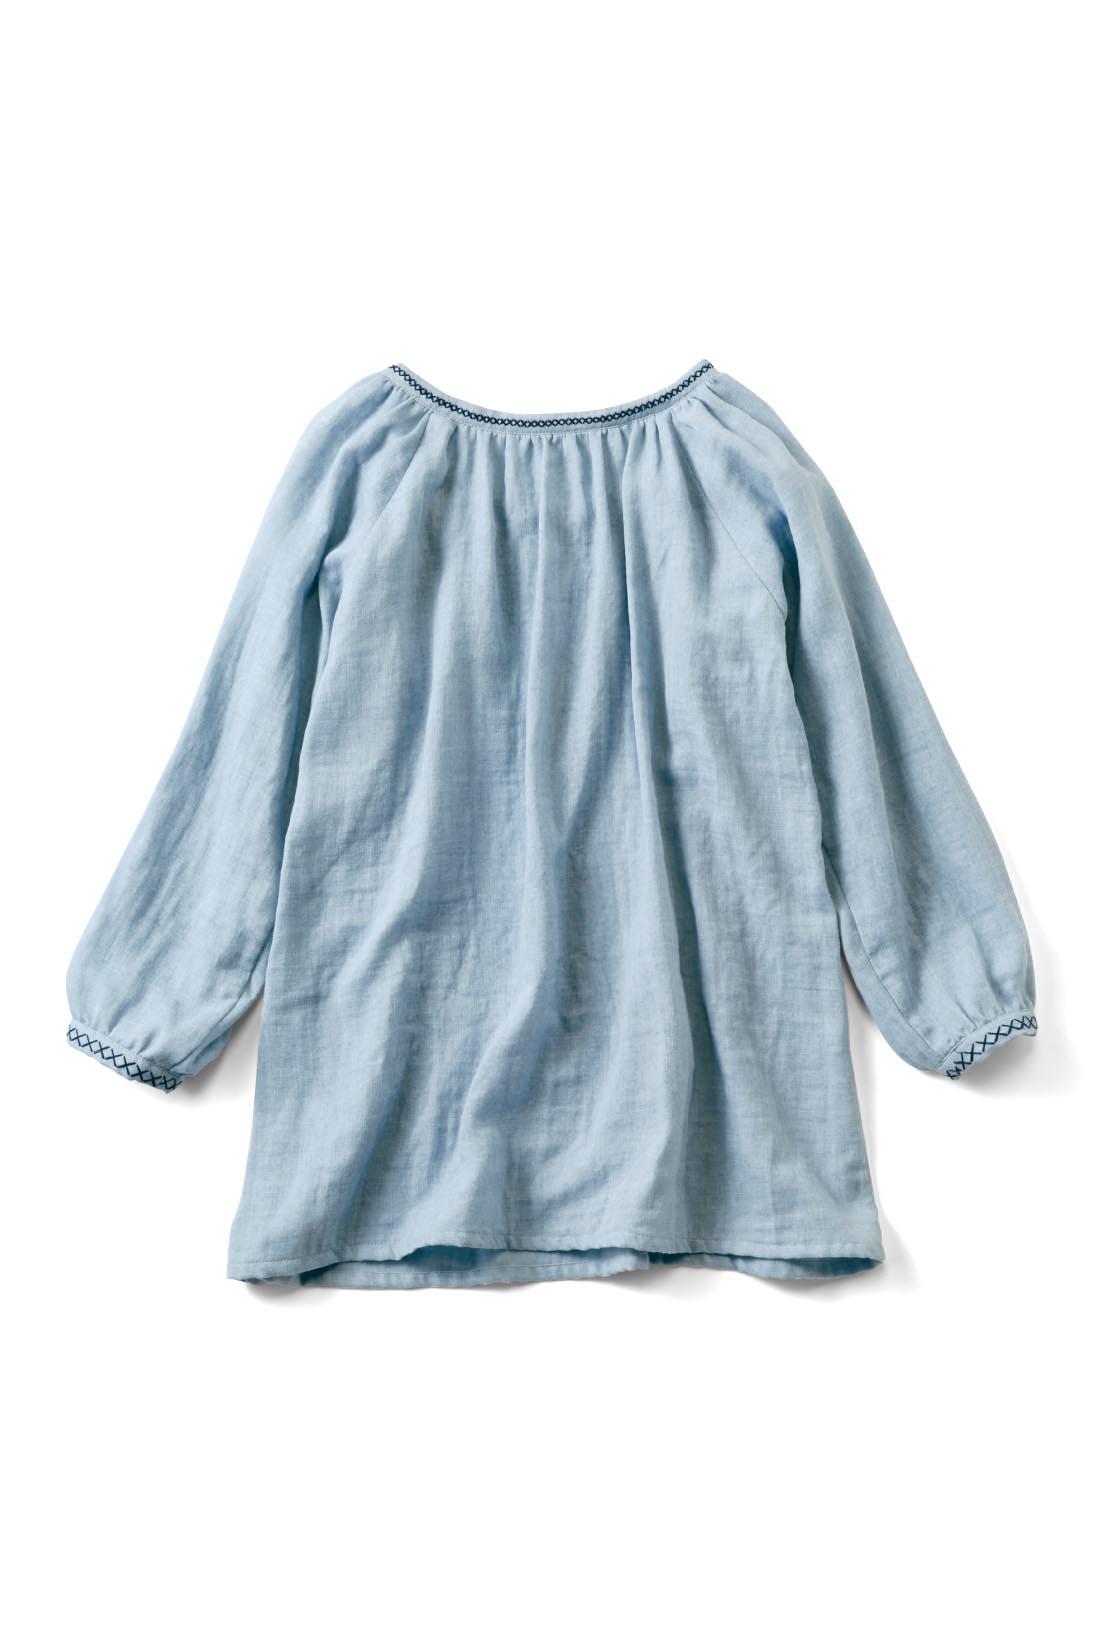 Back 衿ぐりと袖口の刺しゅうが後ろ姿のアクセントに。